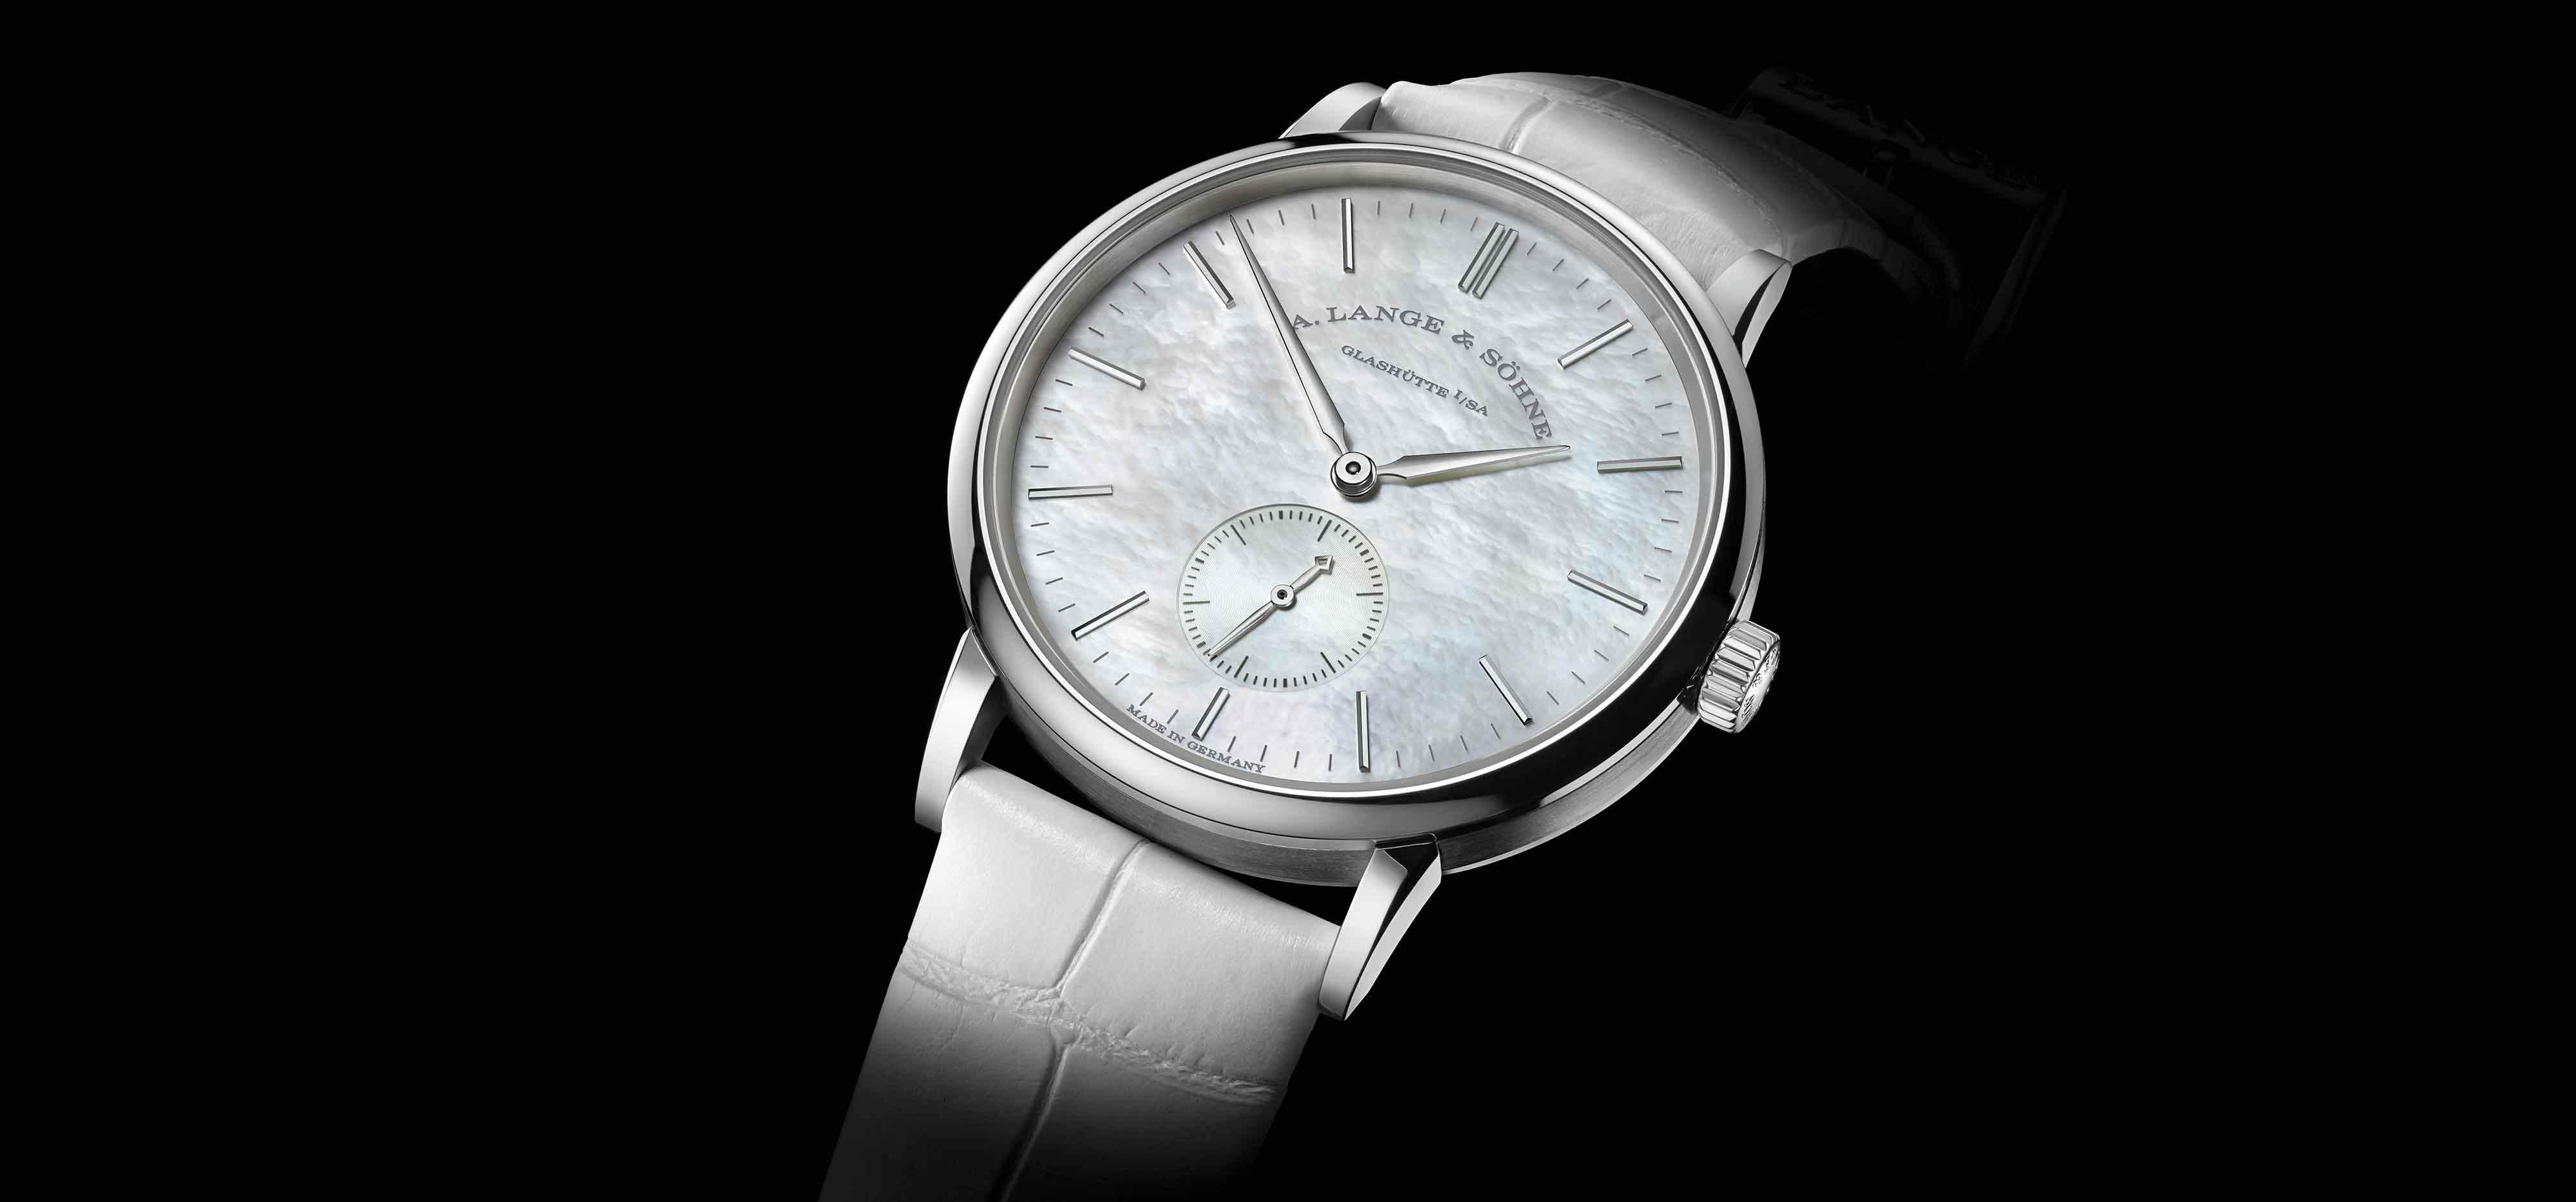 成都朗格手表维修保养价目表   知乎